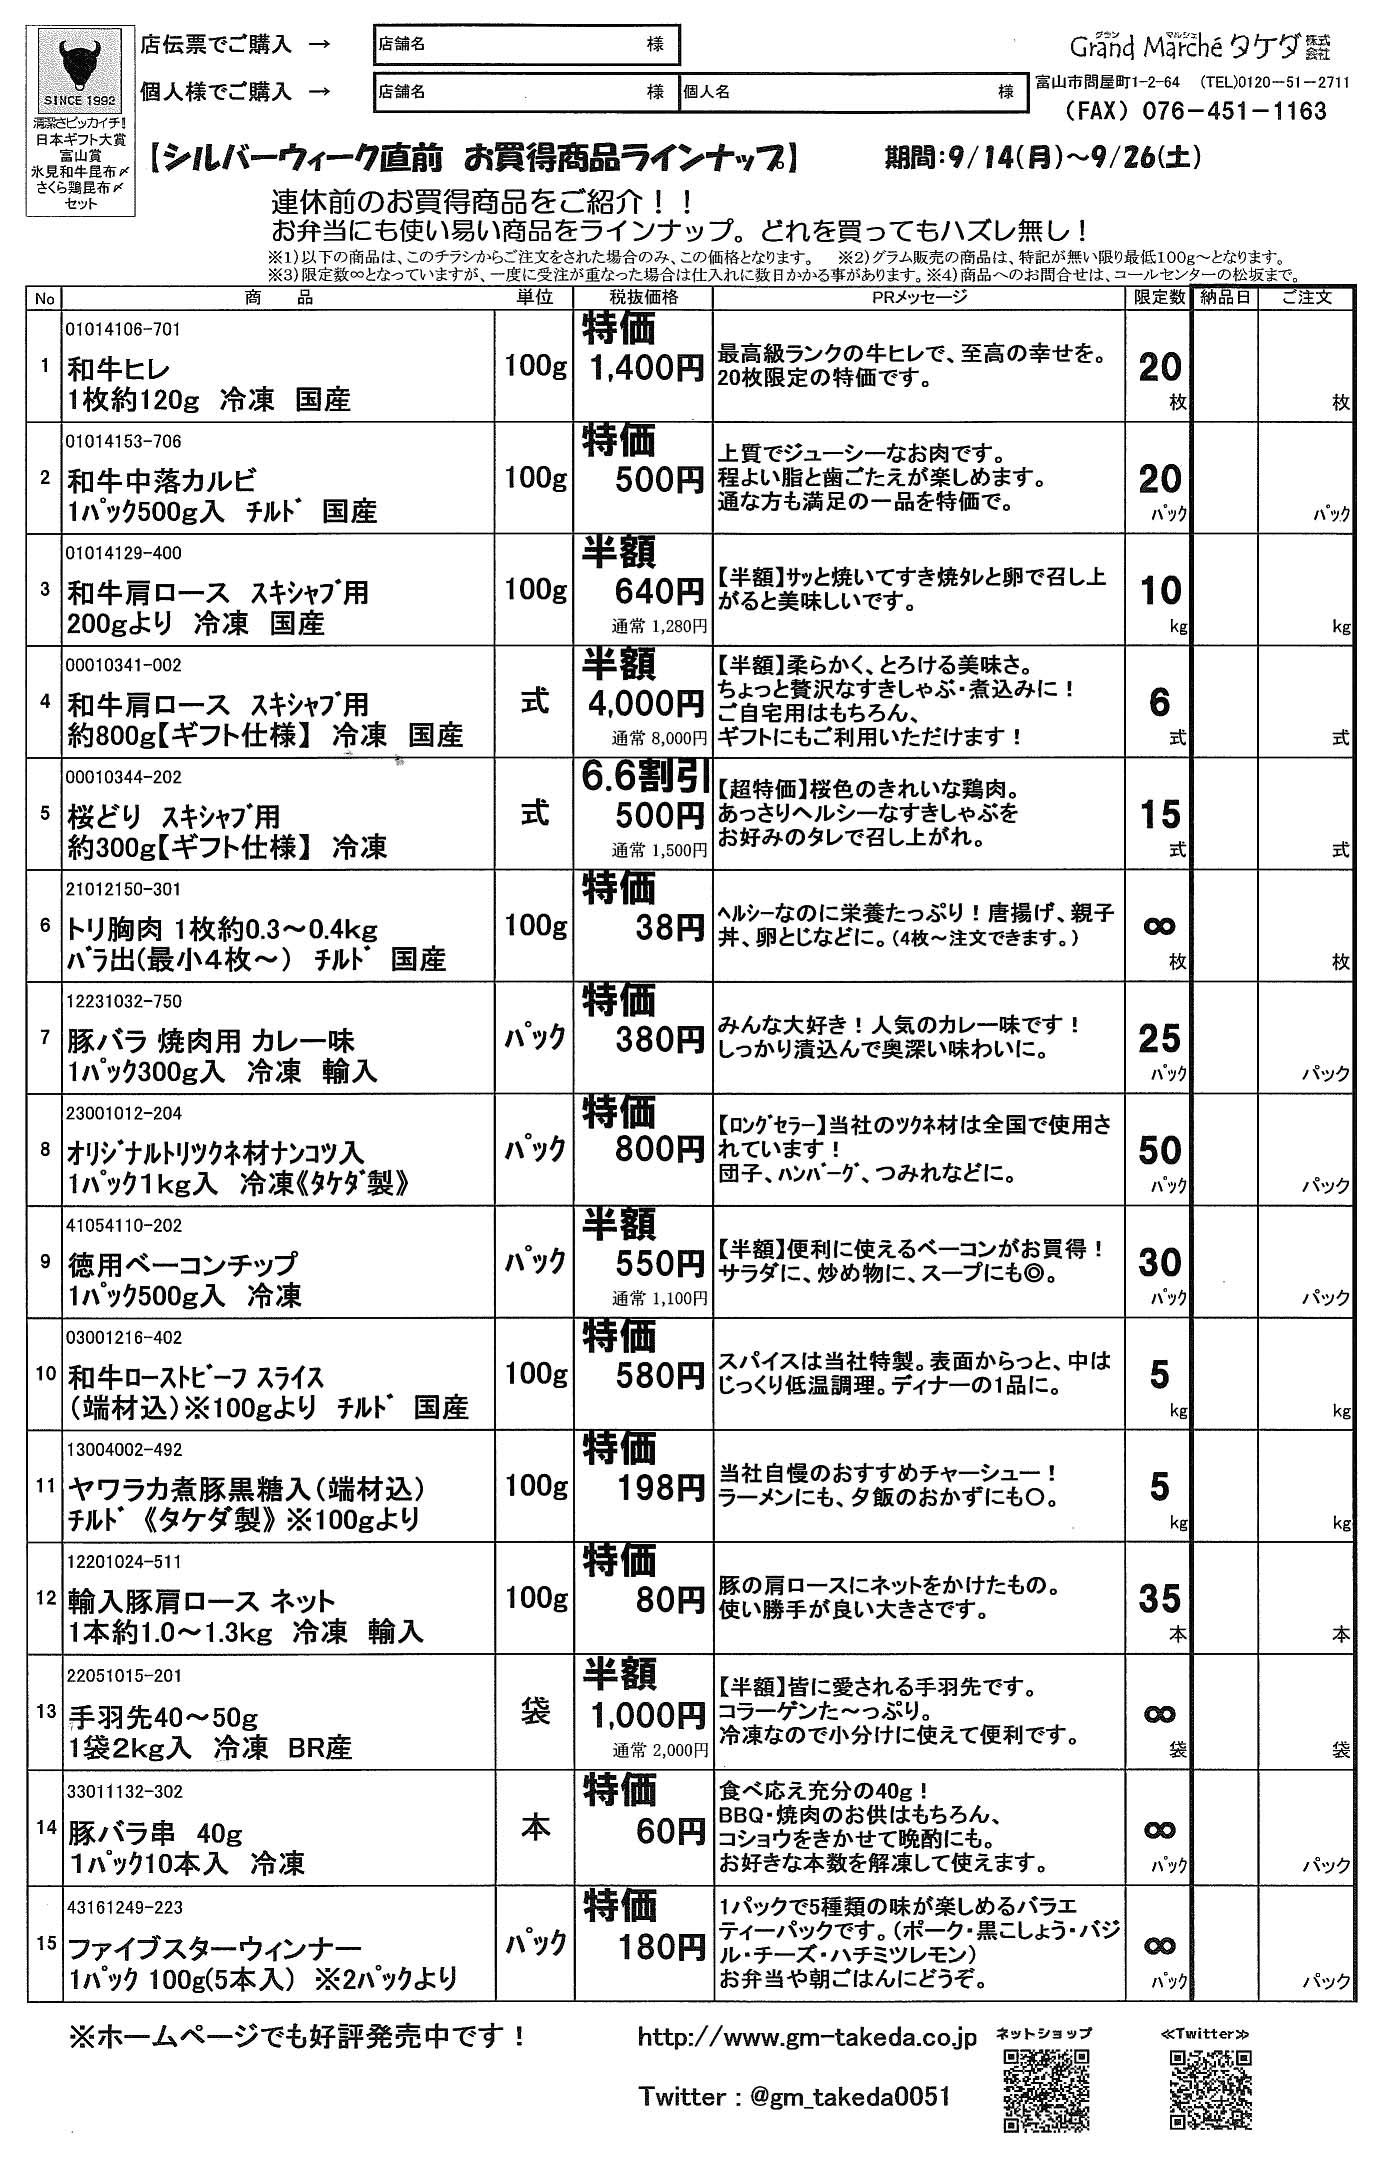 グランマルシェタケタケダ特売チラシ